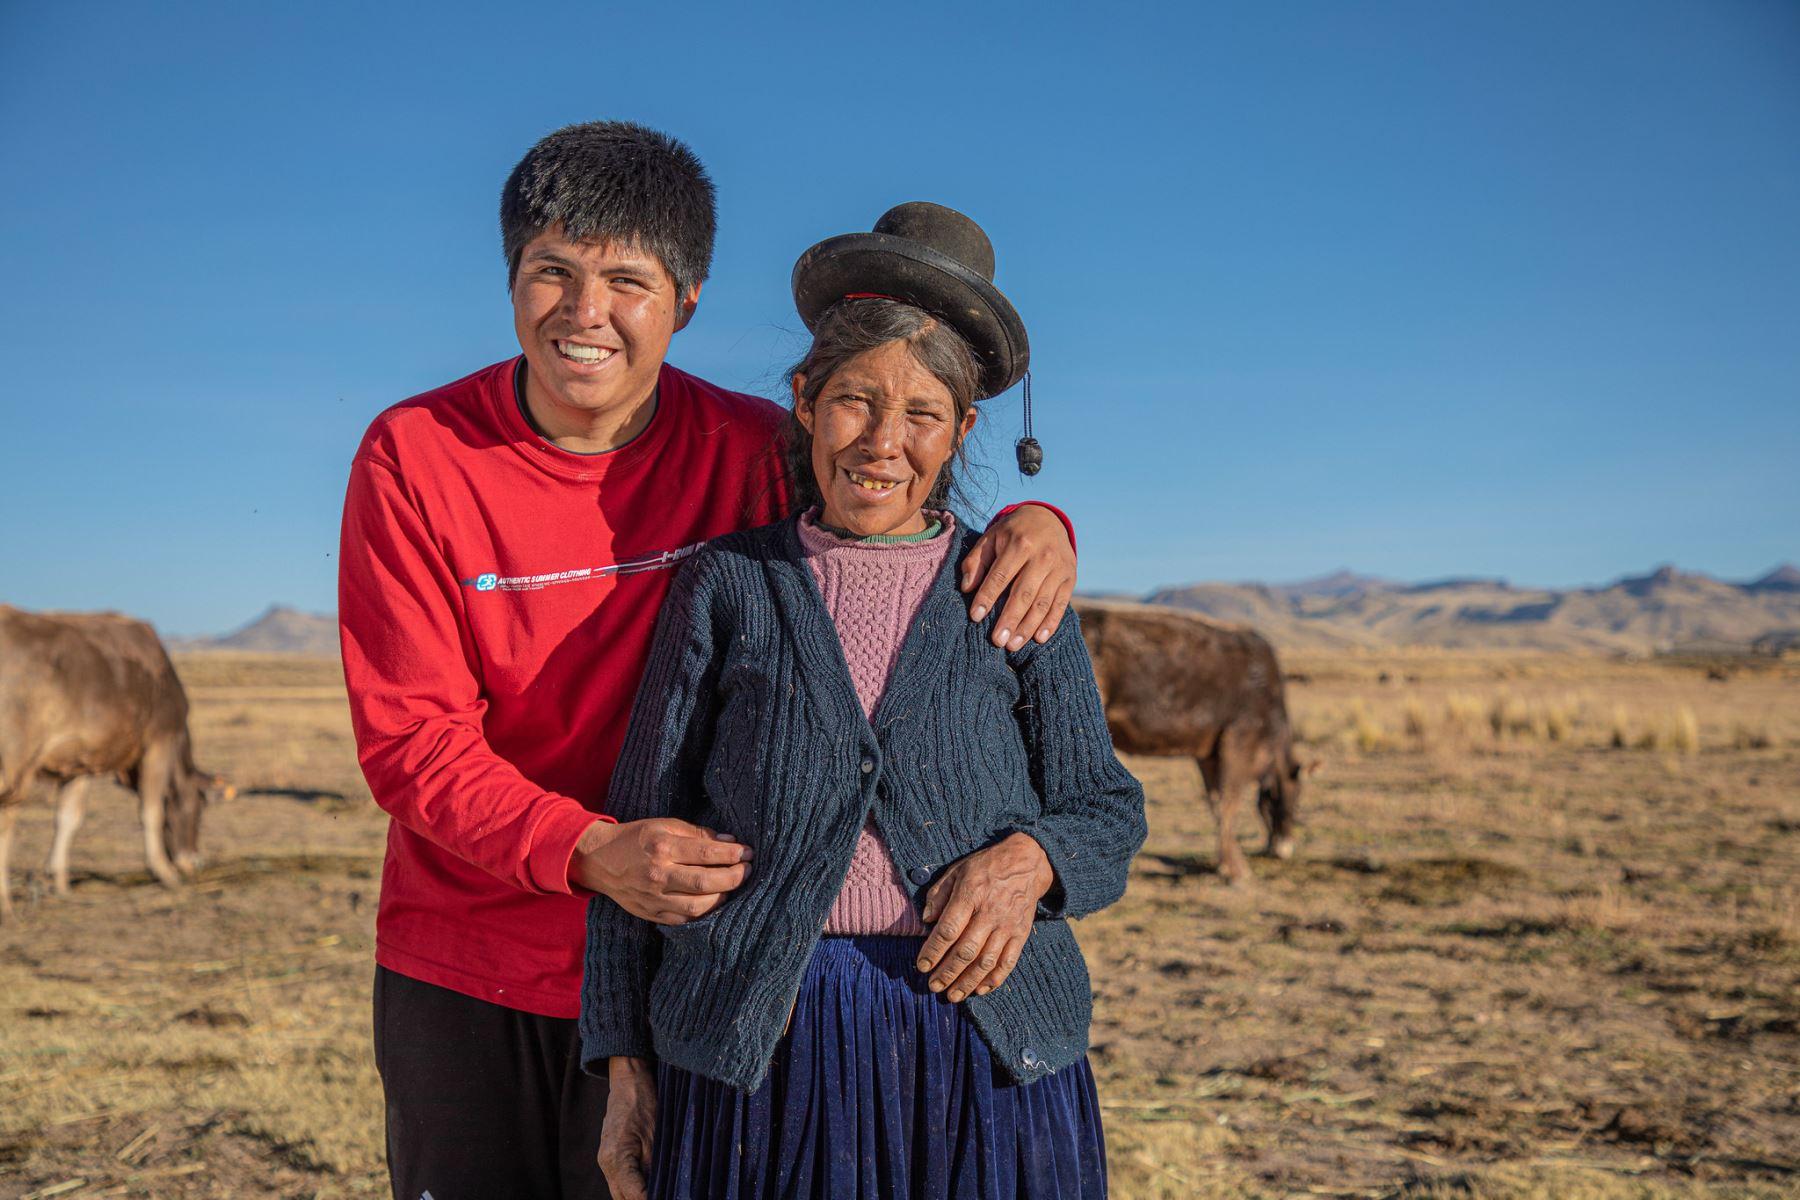 Conoce a Teodoro Quispe, el talento de Beca Permanencia que anhela potenciar la ganadería de Puno